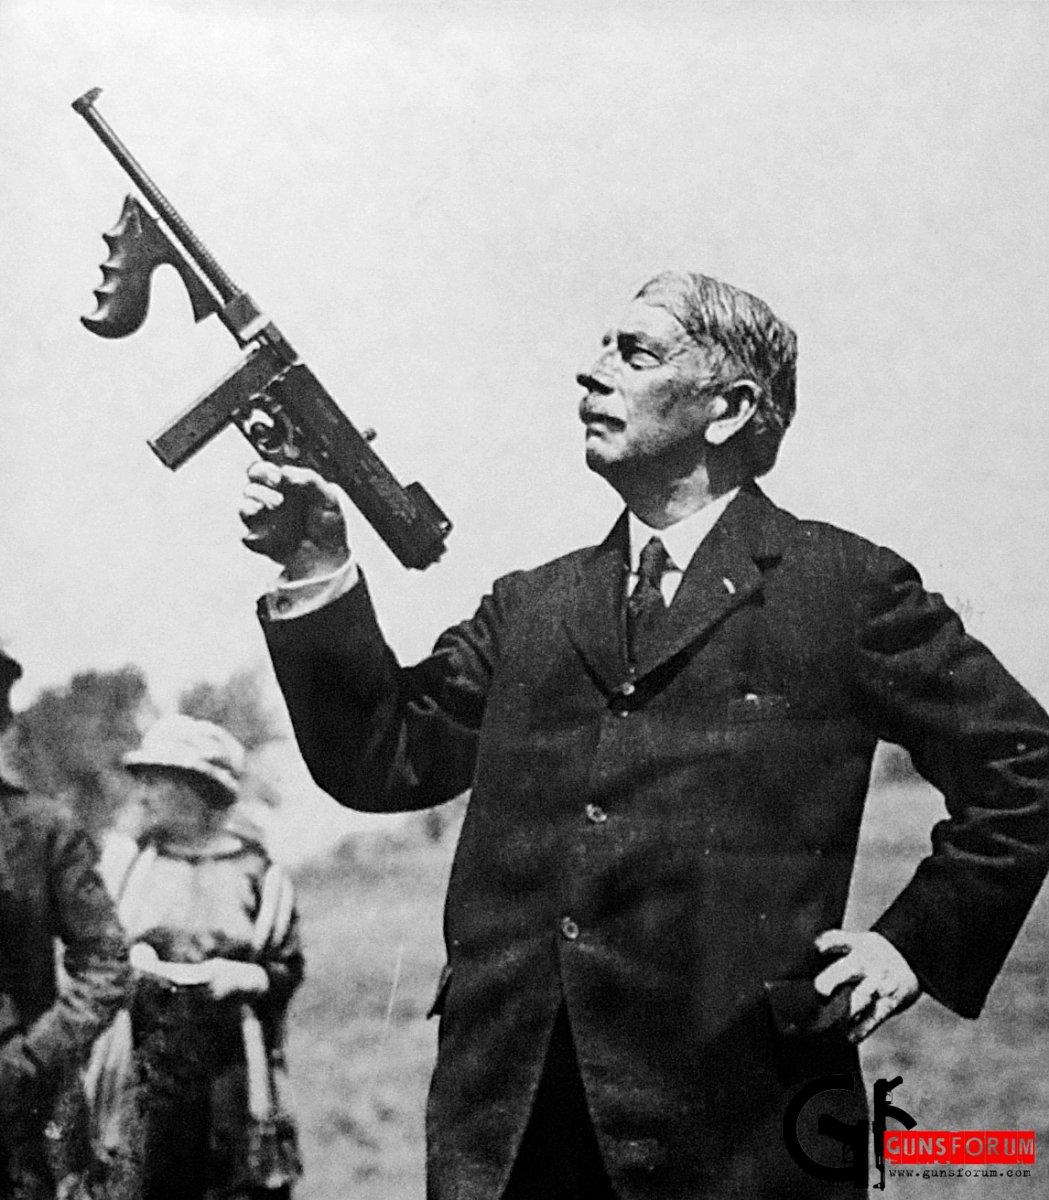 Thompson-and-his-gun.jpg